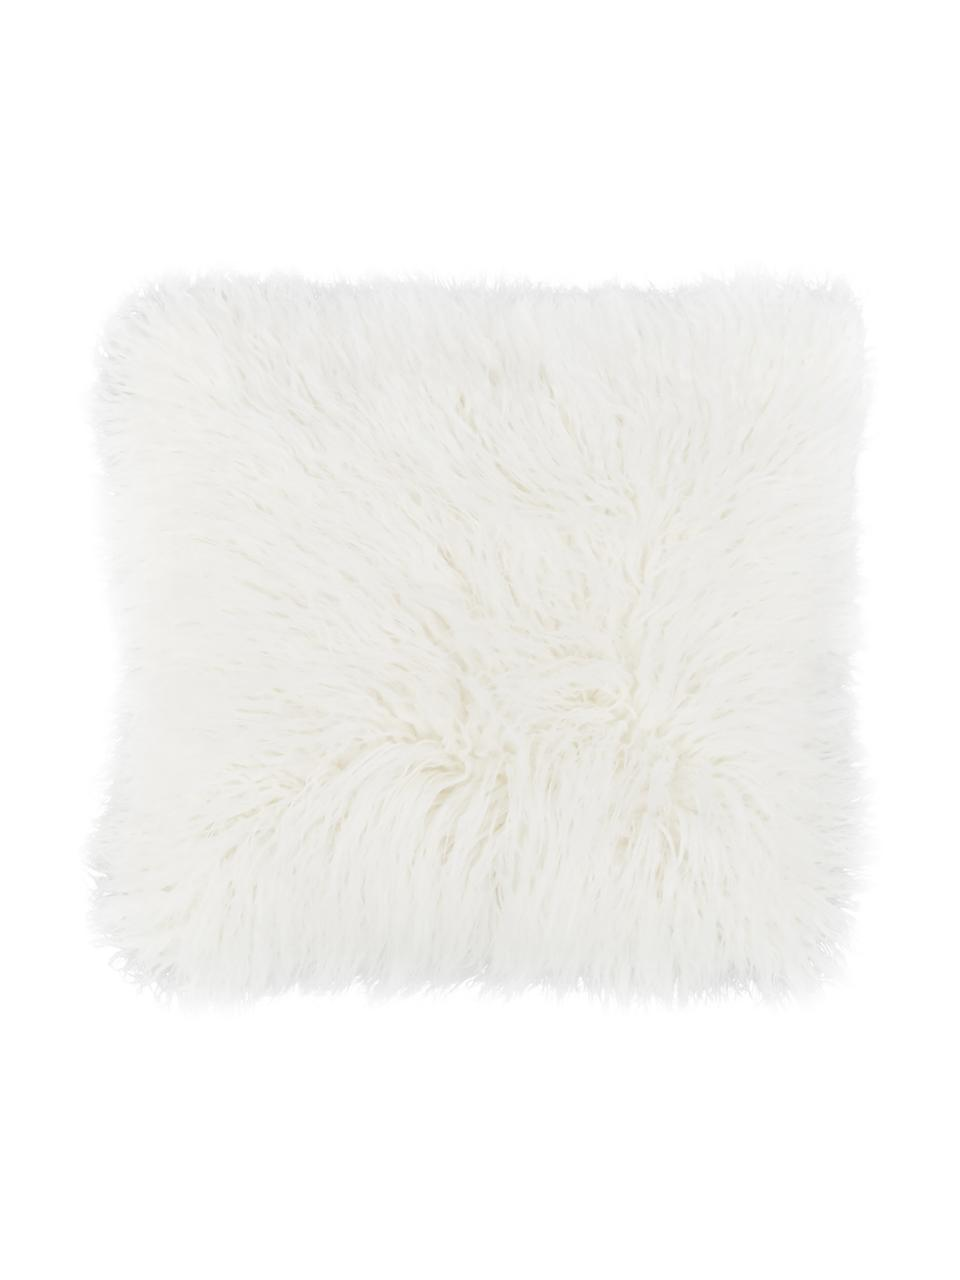 Flauschige Kunstfell-Kissenhülle Morten in Creme, gelockt, Vorderseite: 67% Acryl, 33% Polyester, Rückseite: 100% Polyester, Creme, 40 x 40 cm